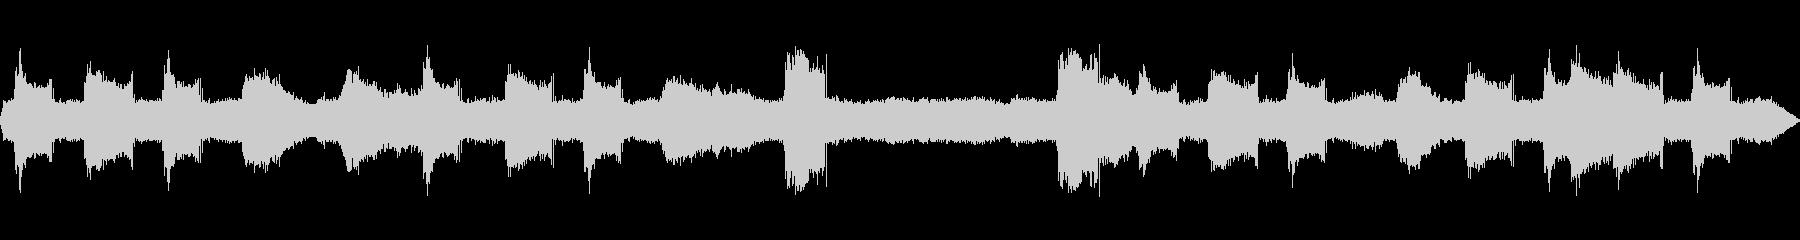 ヒグラシの鳴き声の未再生の波形